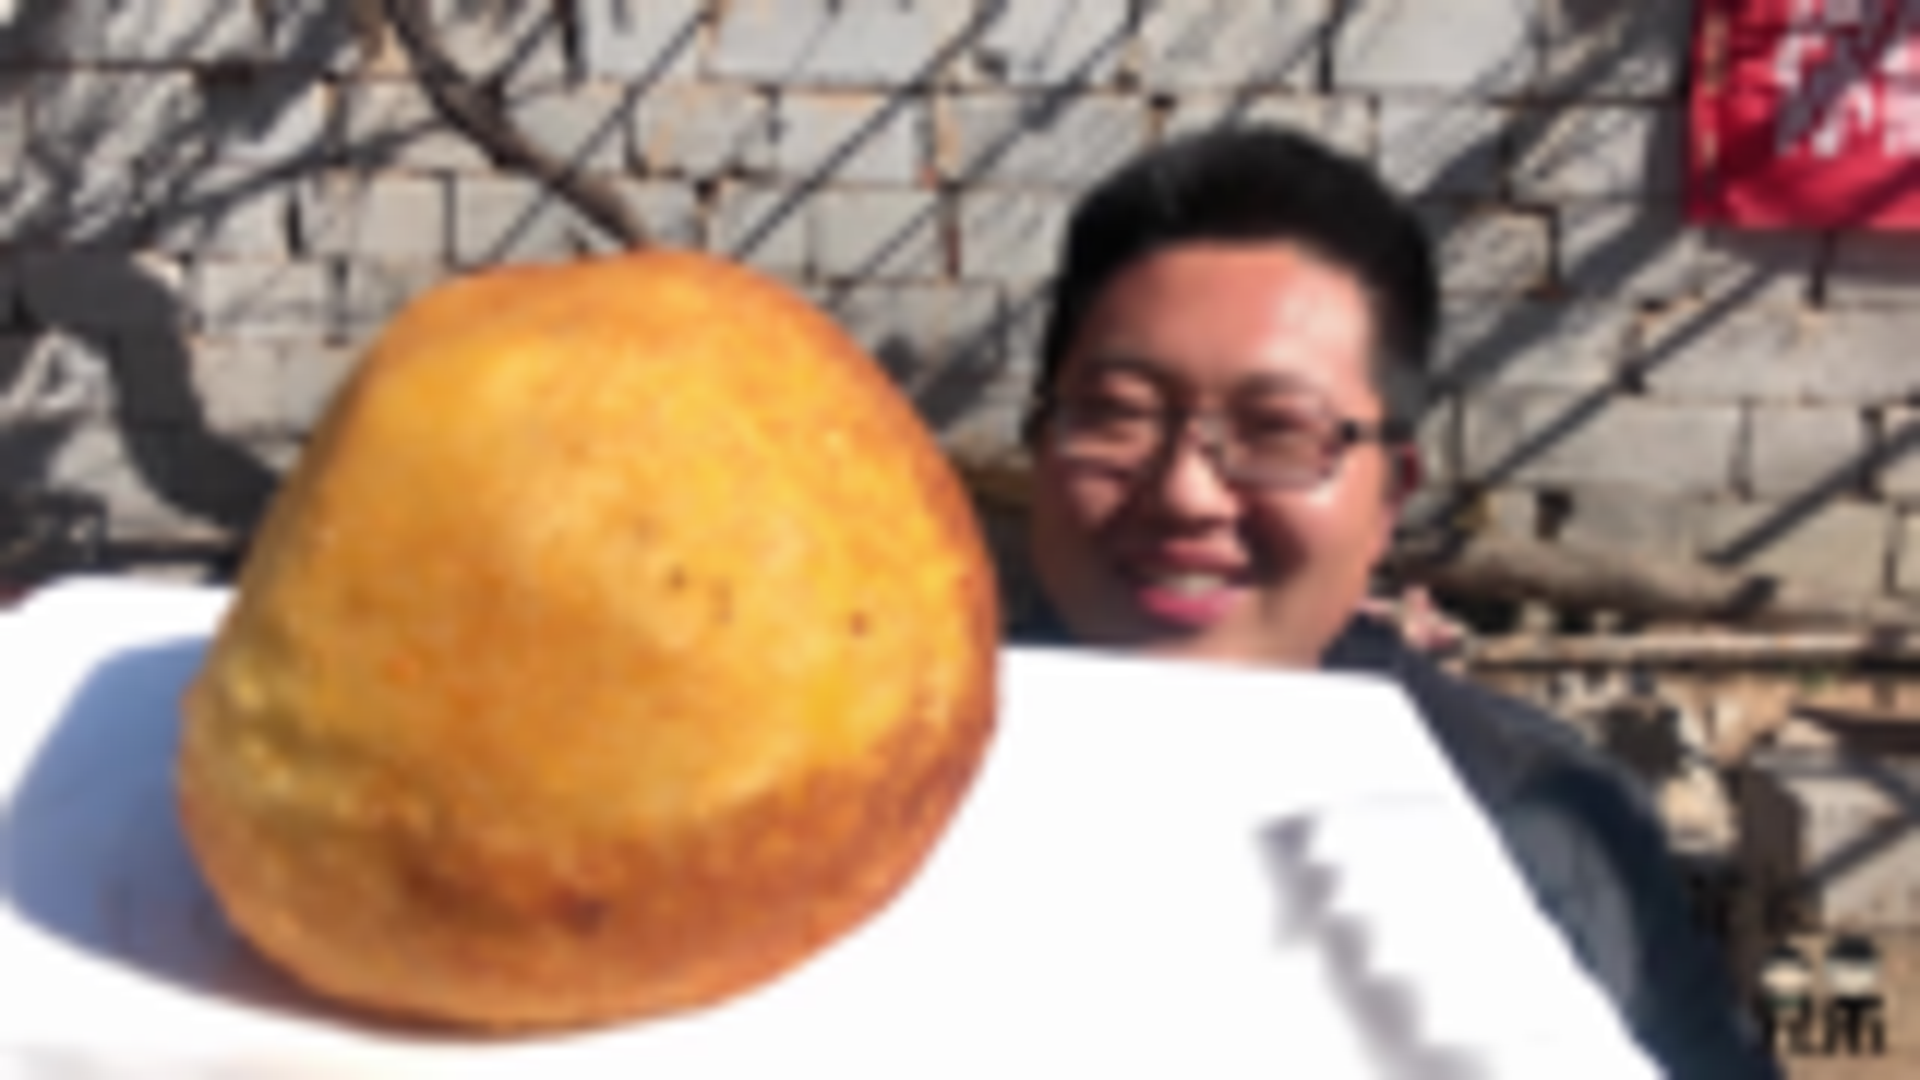 自制巨无霸黄金土豆球,裹上面包糠,宽油一炸,吃一口:尴尬了!